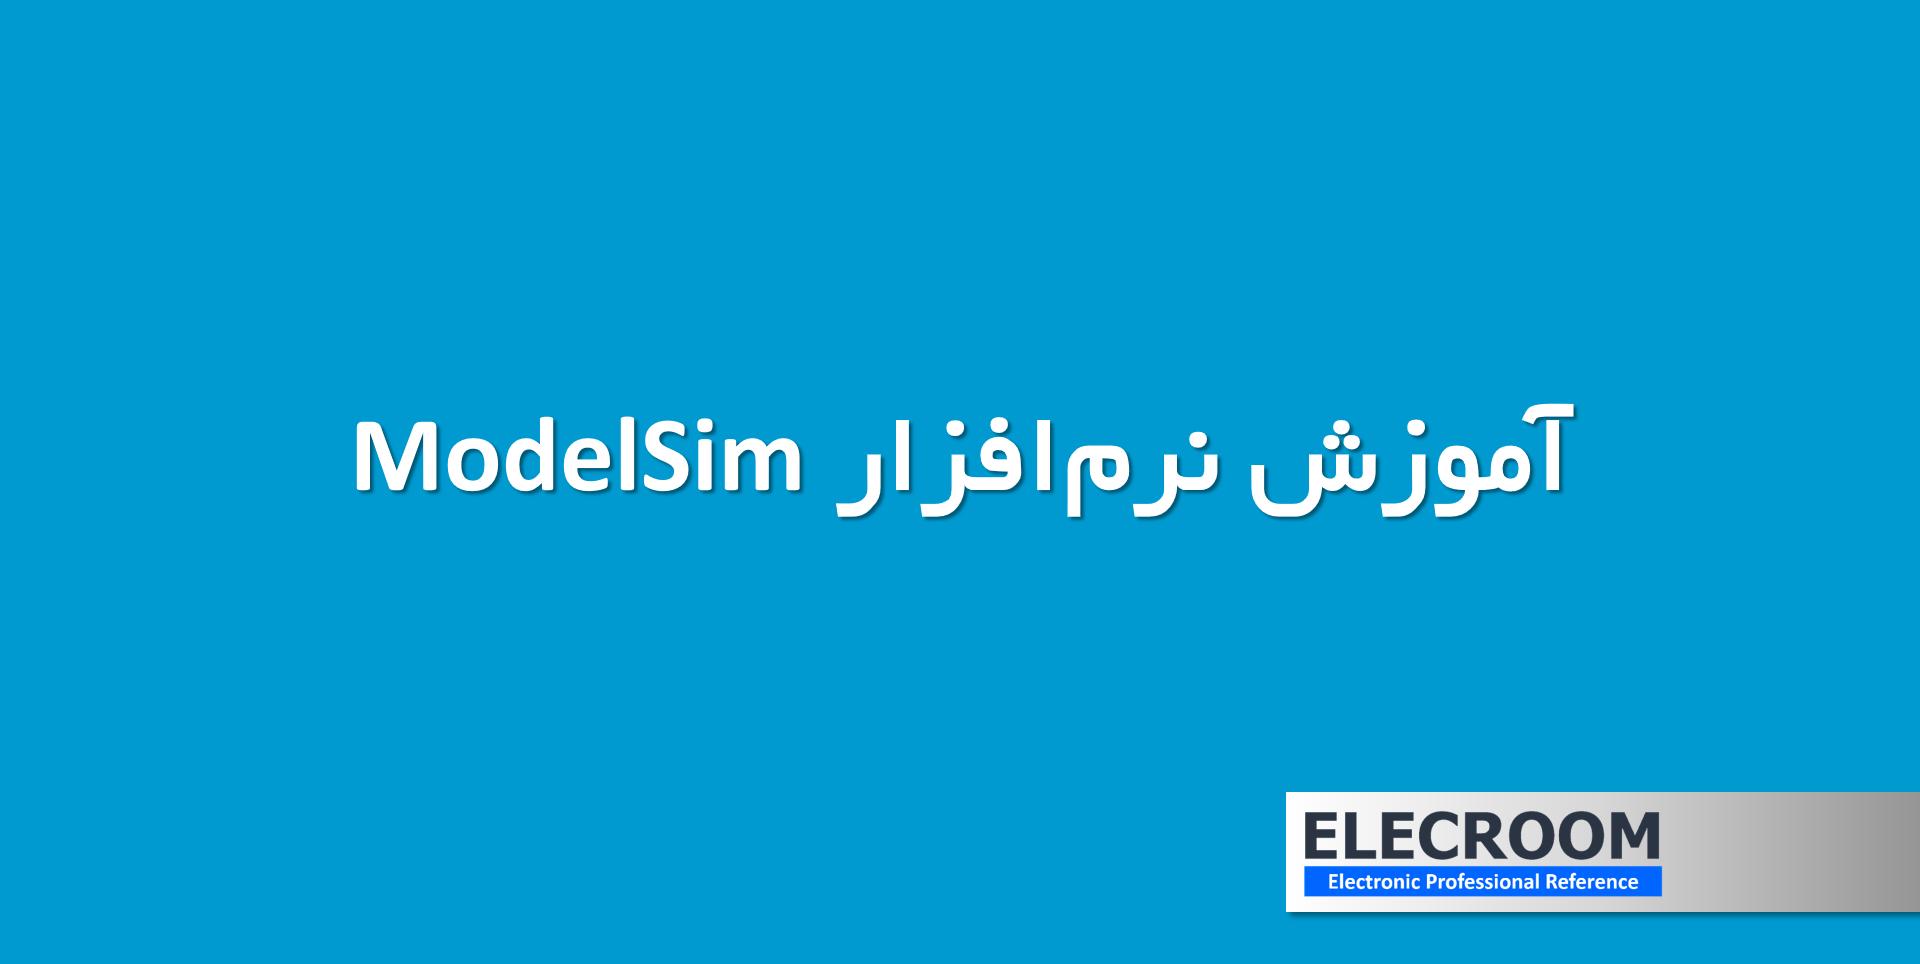 آموزش نرم افزار ModelSim